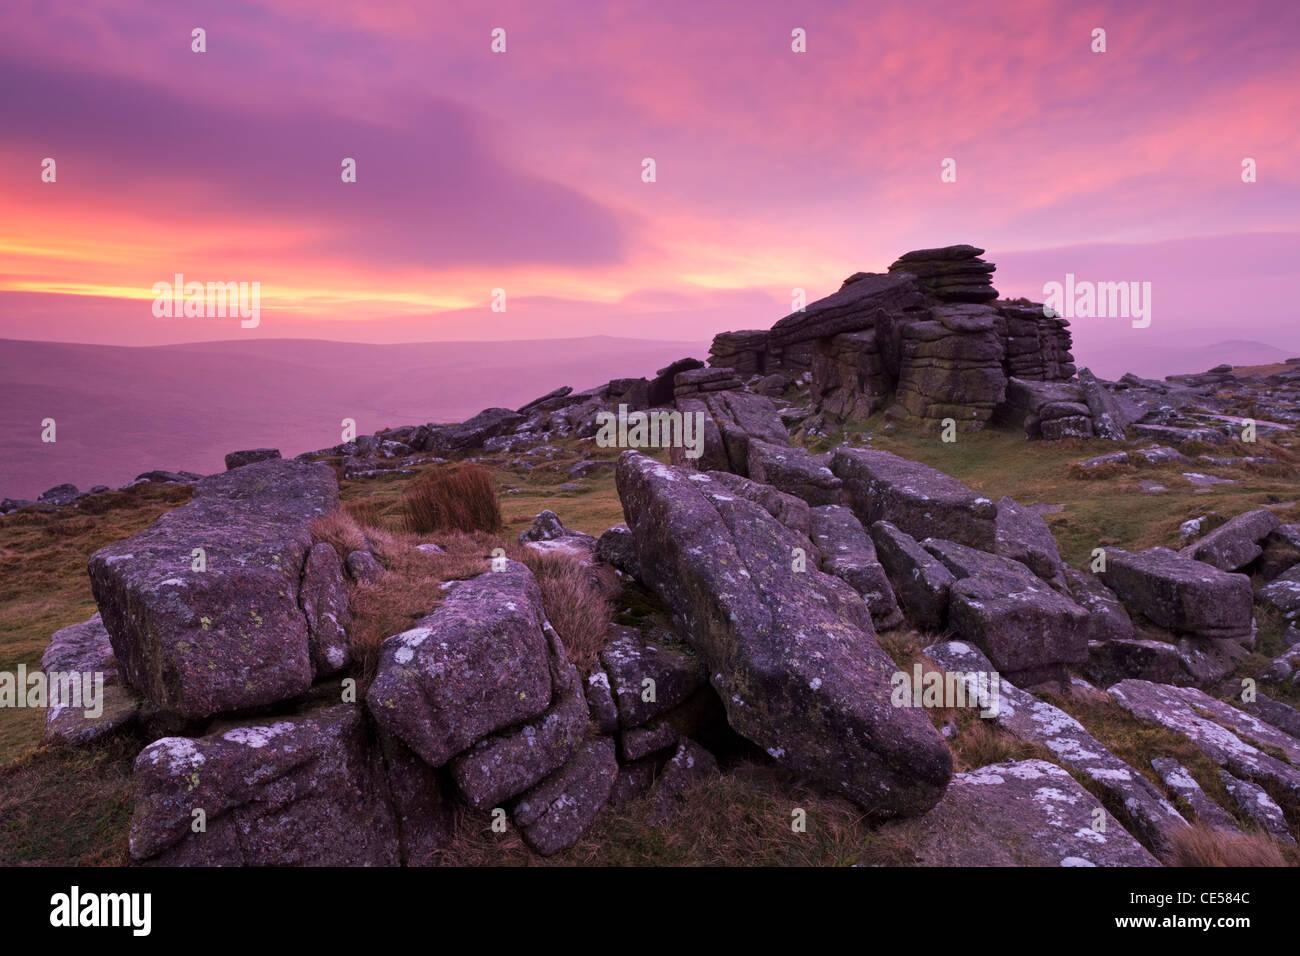 Intenso amanecer encima Belstone Tor, Dartmoor, Devon, Inglaterra. Invierno (enero de 2012). Foto de stock